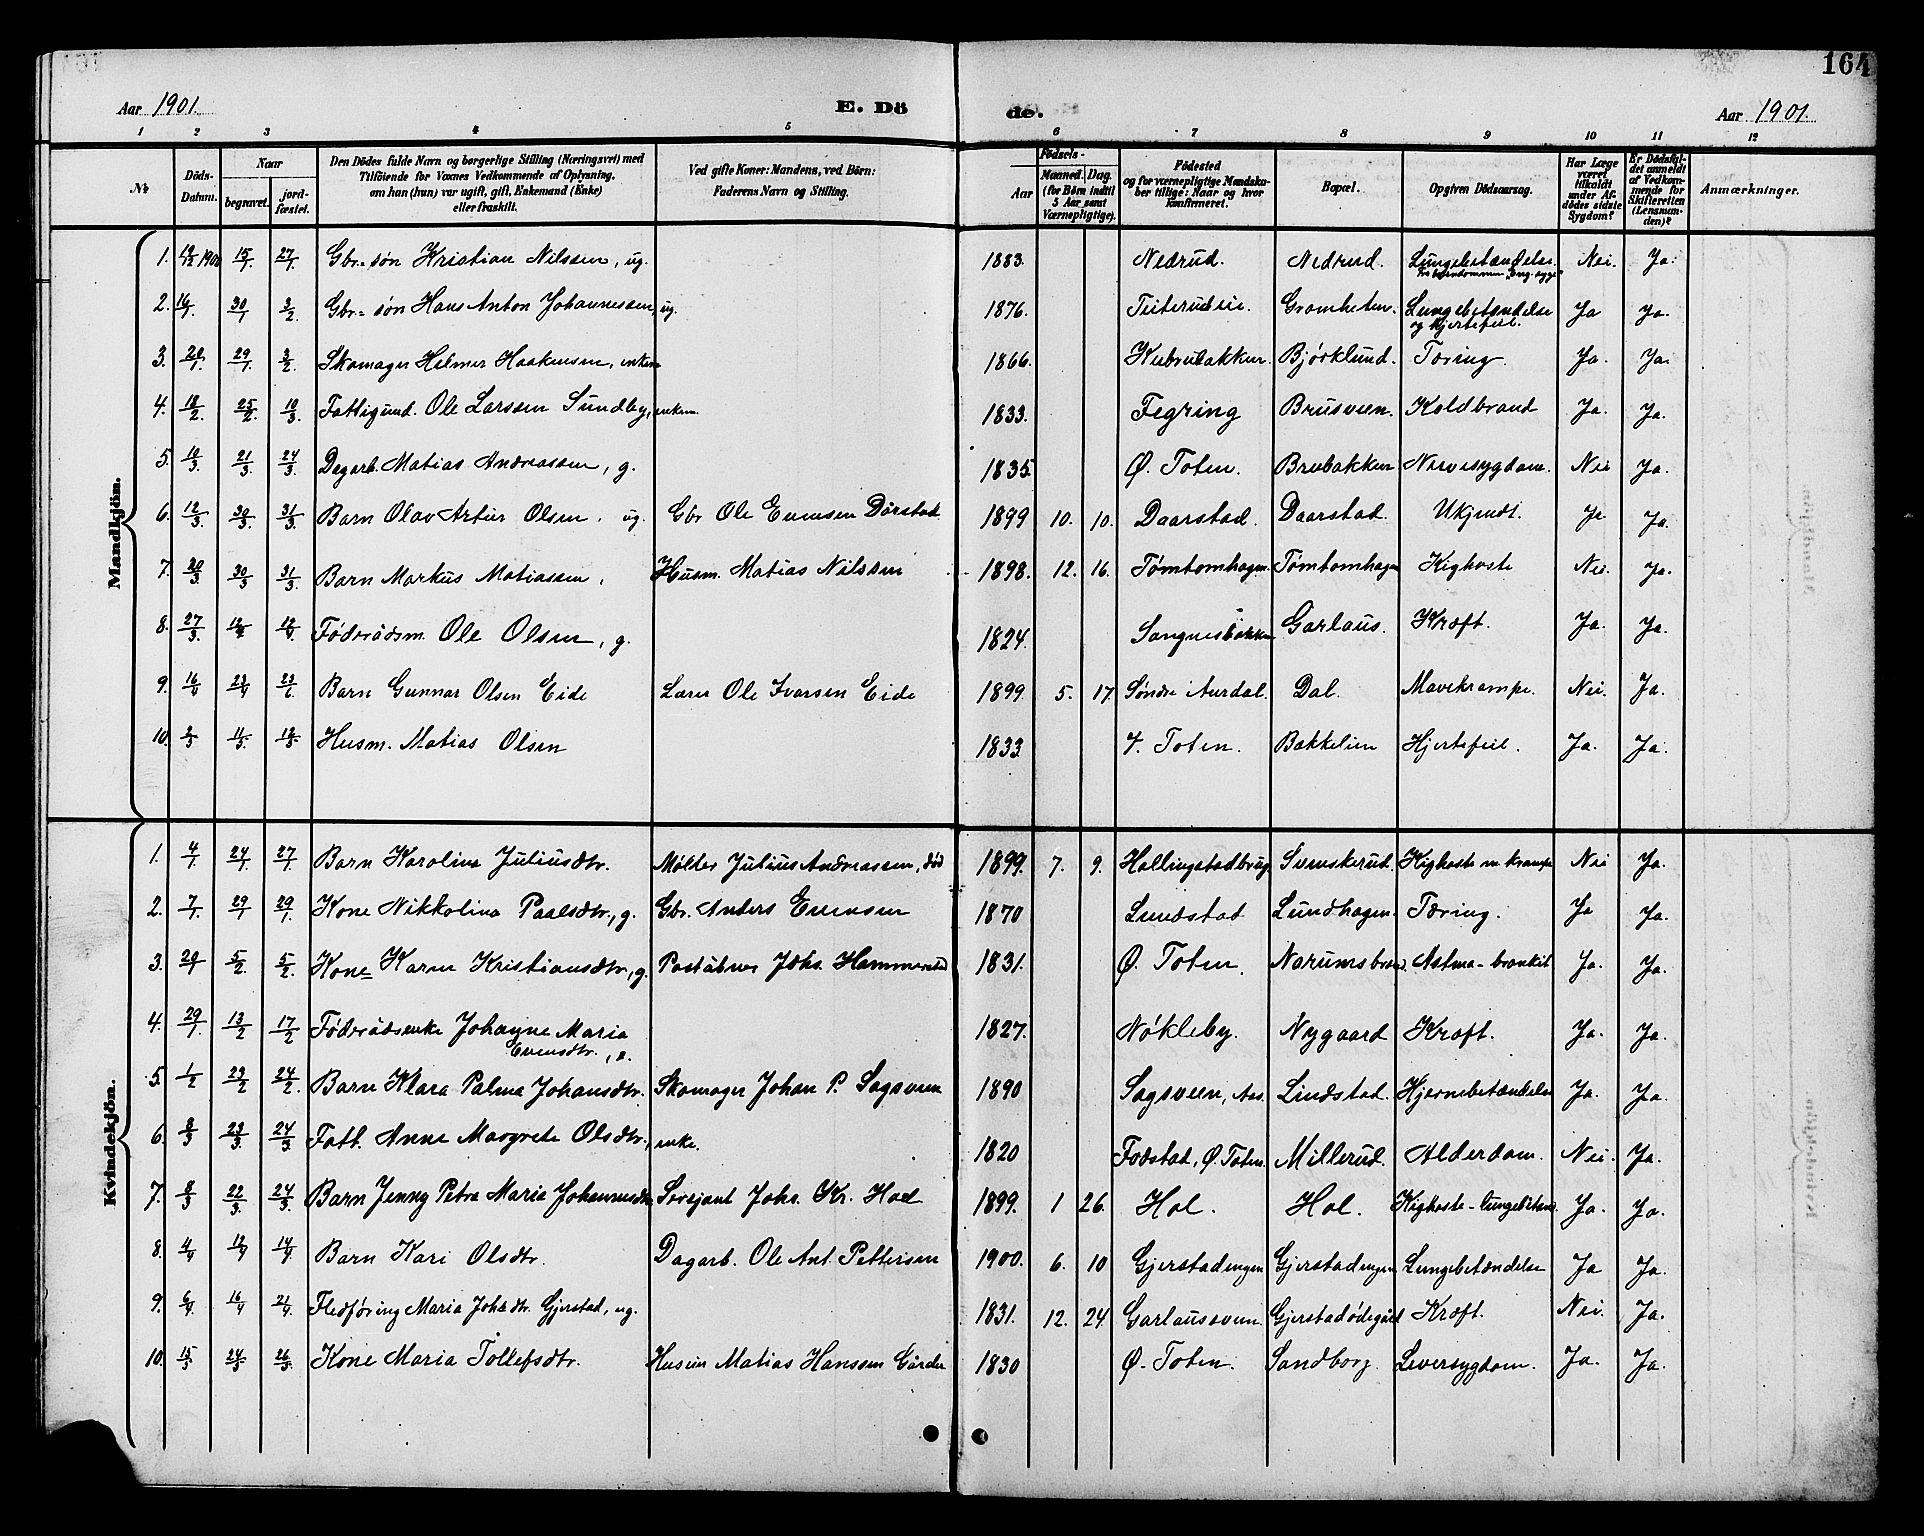 SAH, Vestre Toten prestekontor, H/Ha/Hab/L0011: Klokkerbok nr. 11, 1901-1911, s. 164